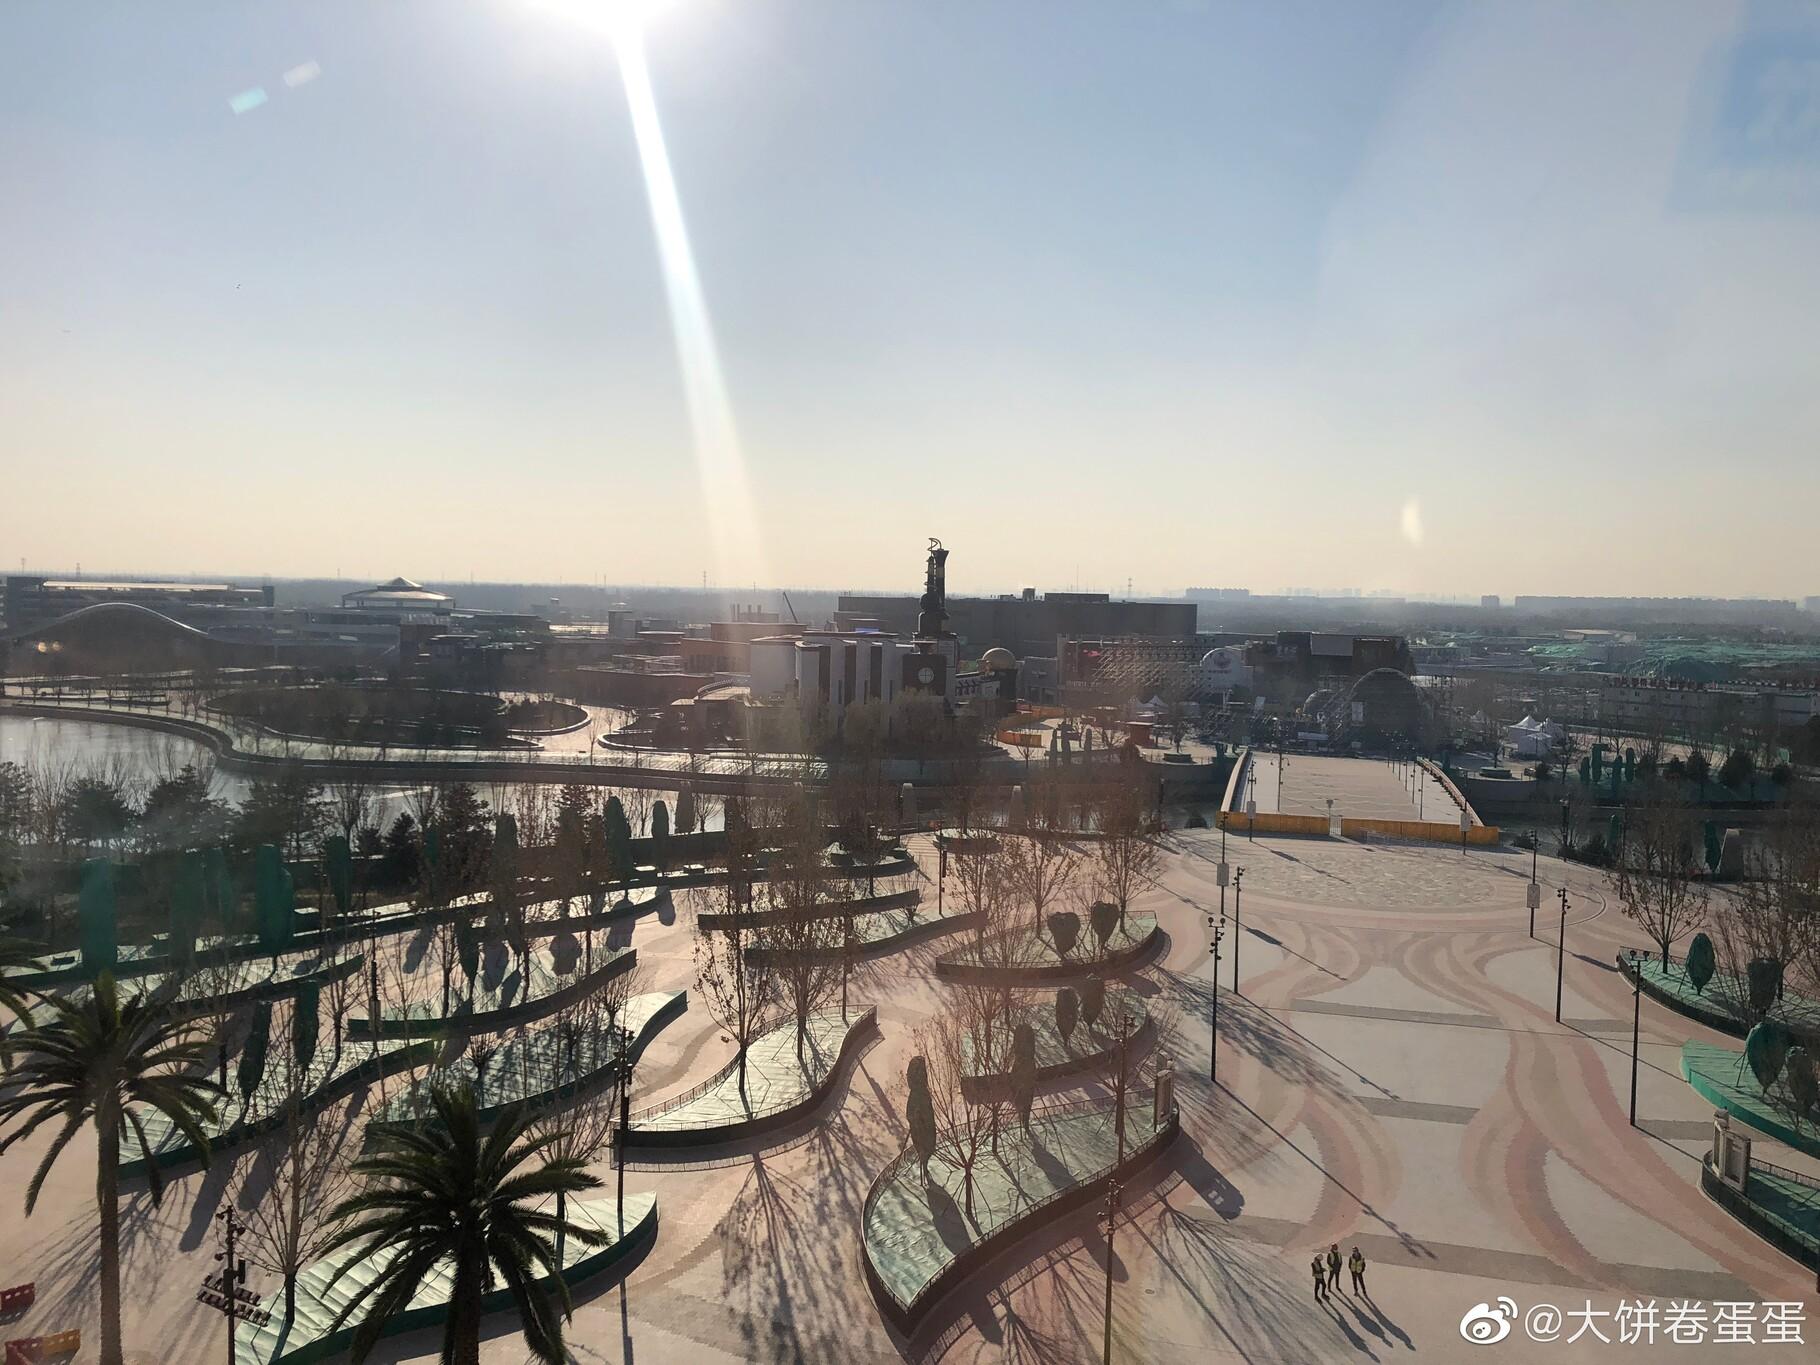 universal-studios-beijing-89845600.jpg